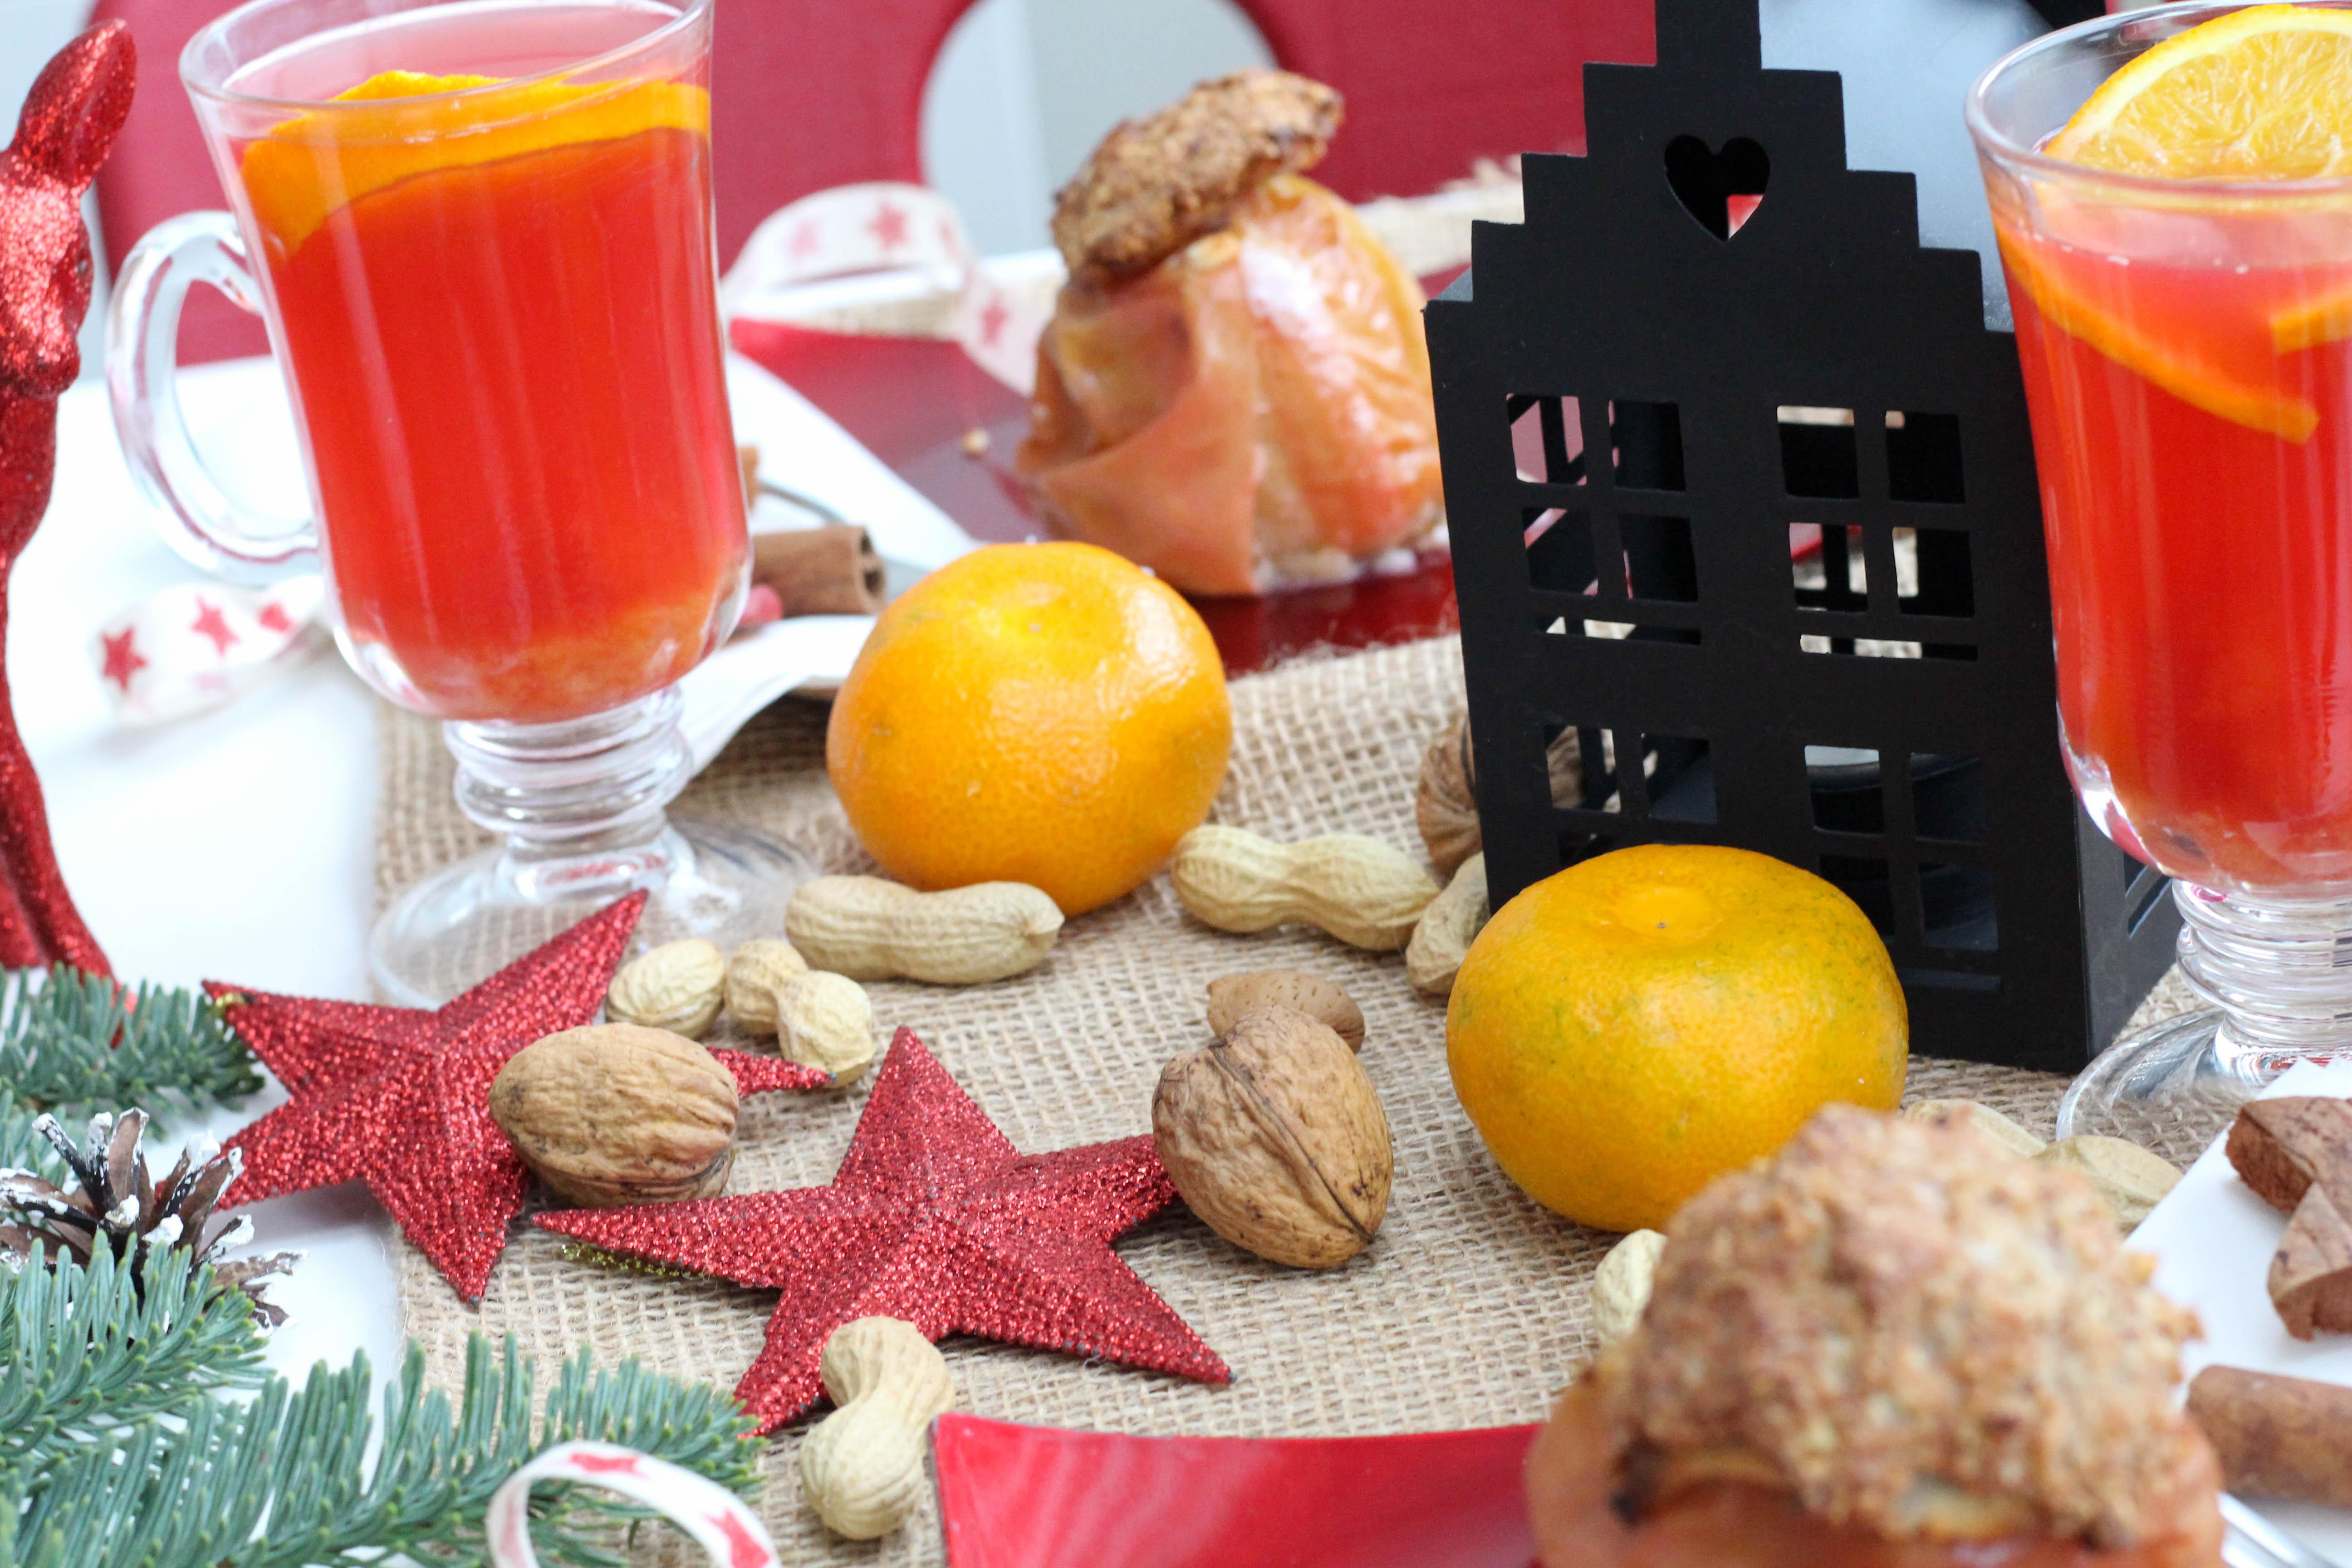 vegan-nikolaus-krampus-weihnachten-bratapfel-germteig-perchten-nuesse-christmas-soulfood-homespa-plantbased-14-von-35